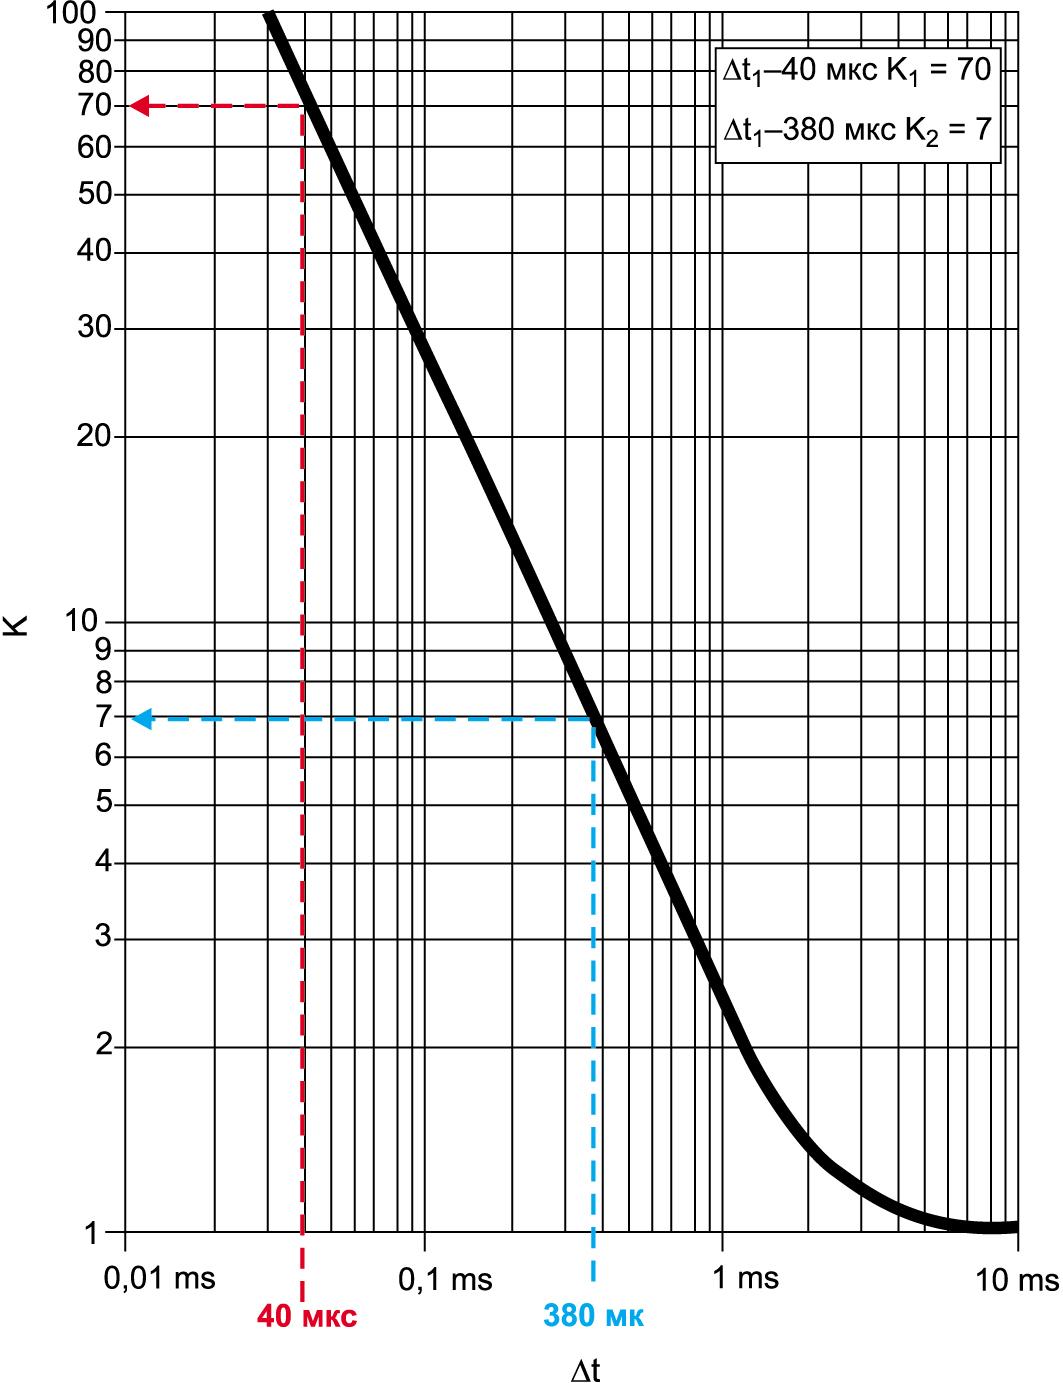 Поправочный «коэффициент АВВ» — К для определения мгновенных значений тока срабатывания автоматического выключателя при малых длительностях импульса тока